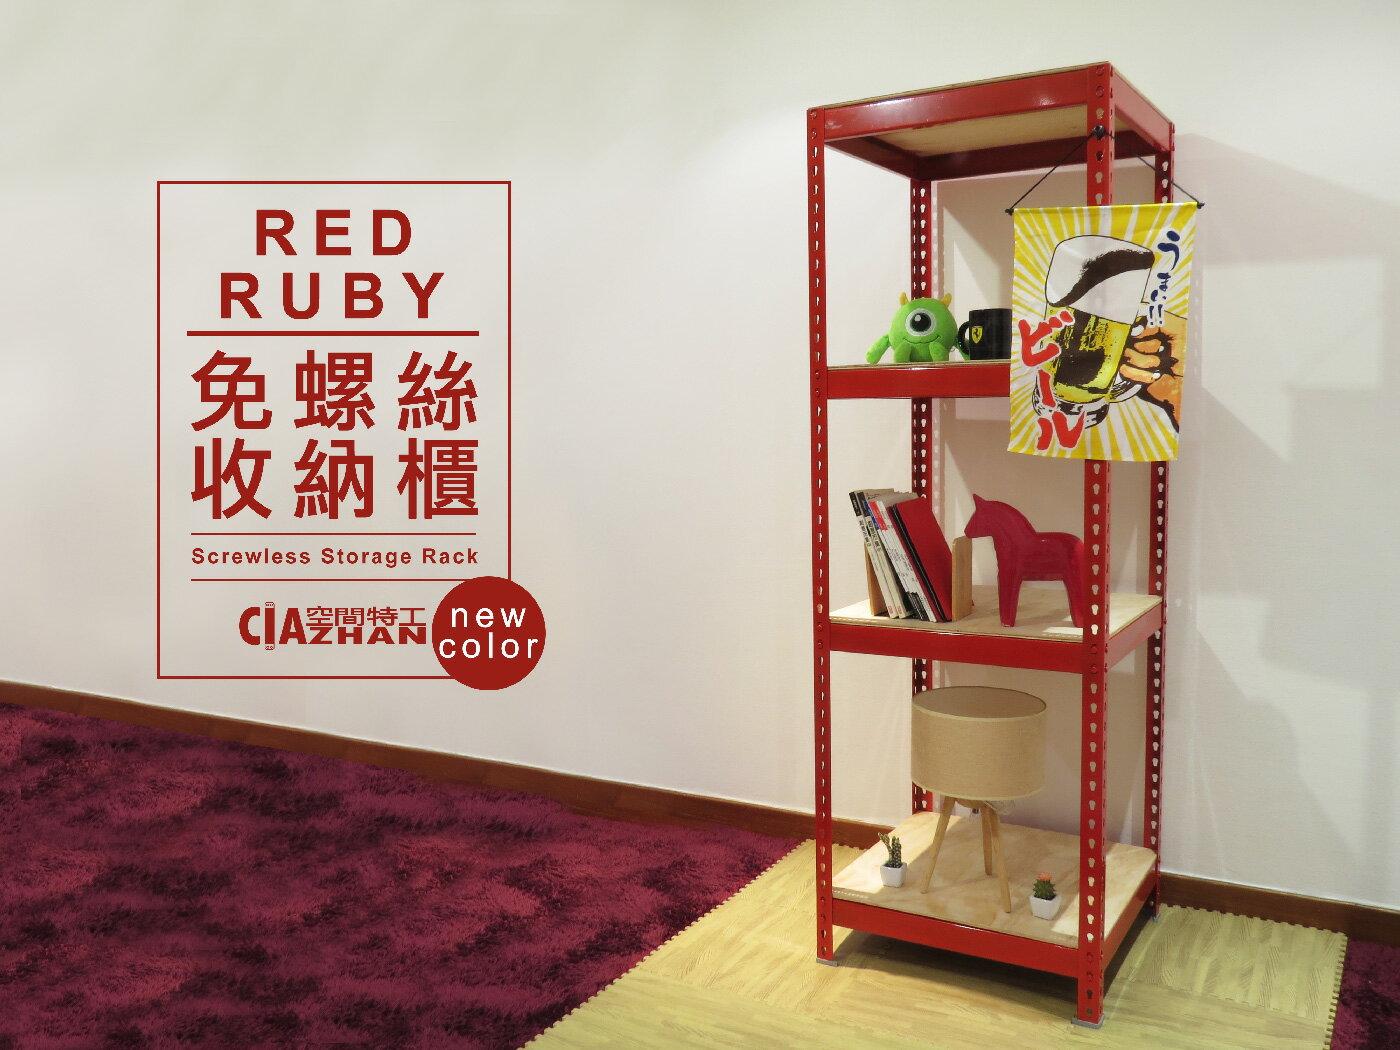 ♞空間特工♞ 置物架 書架 鞋櫃收納櫃(長1.5x深1.5尺x4層,高6尺 )紅色角鋼多功能組合架 現貨免運 0